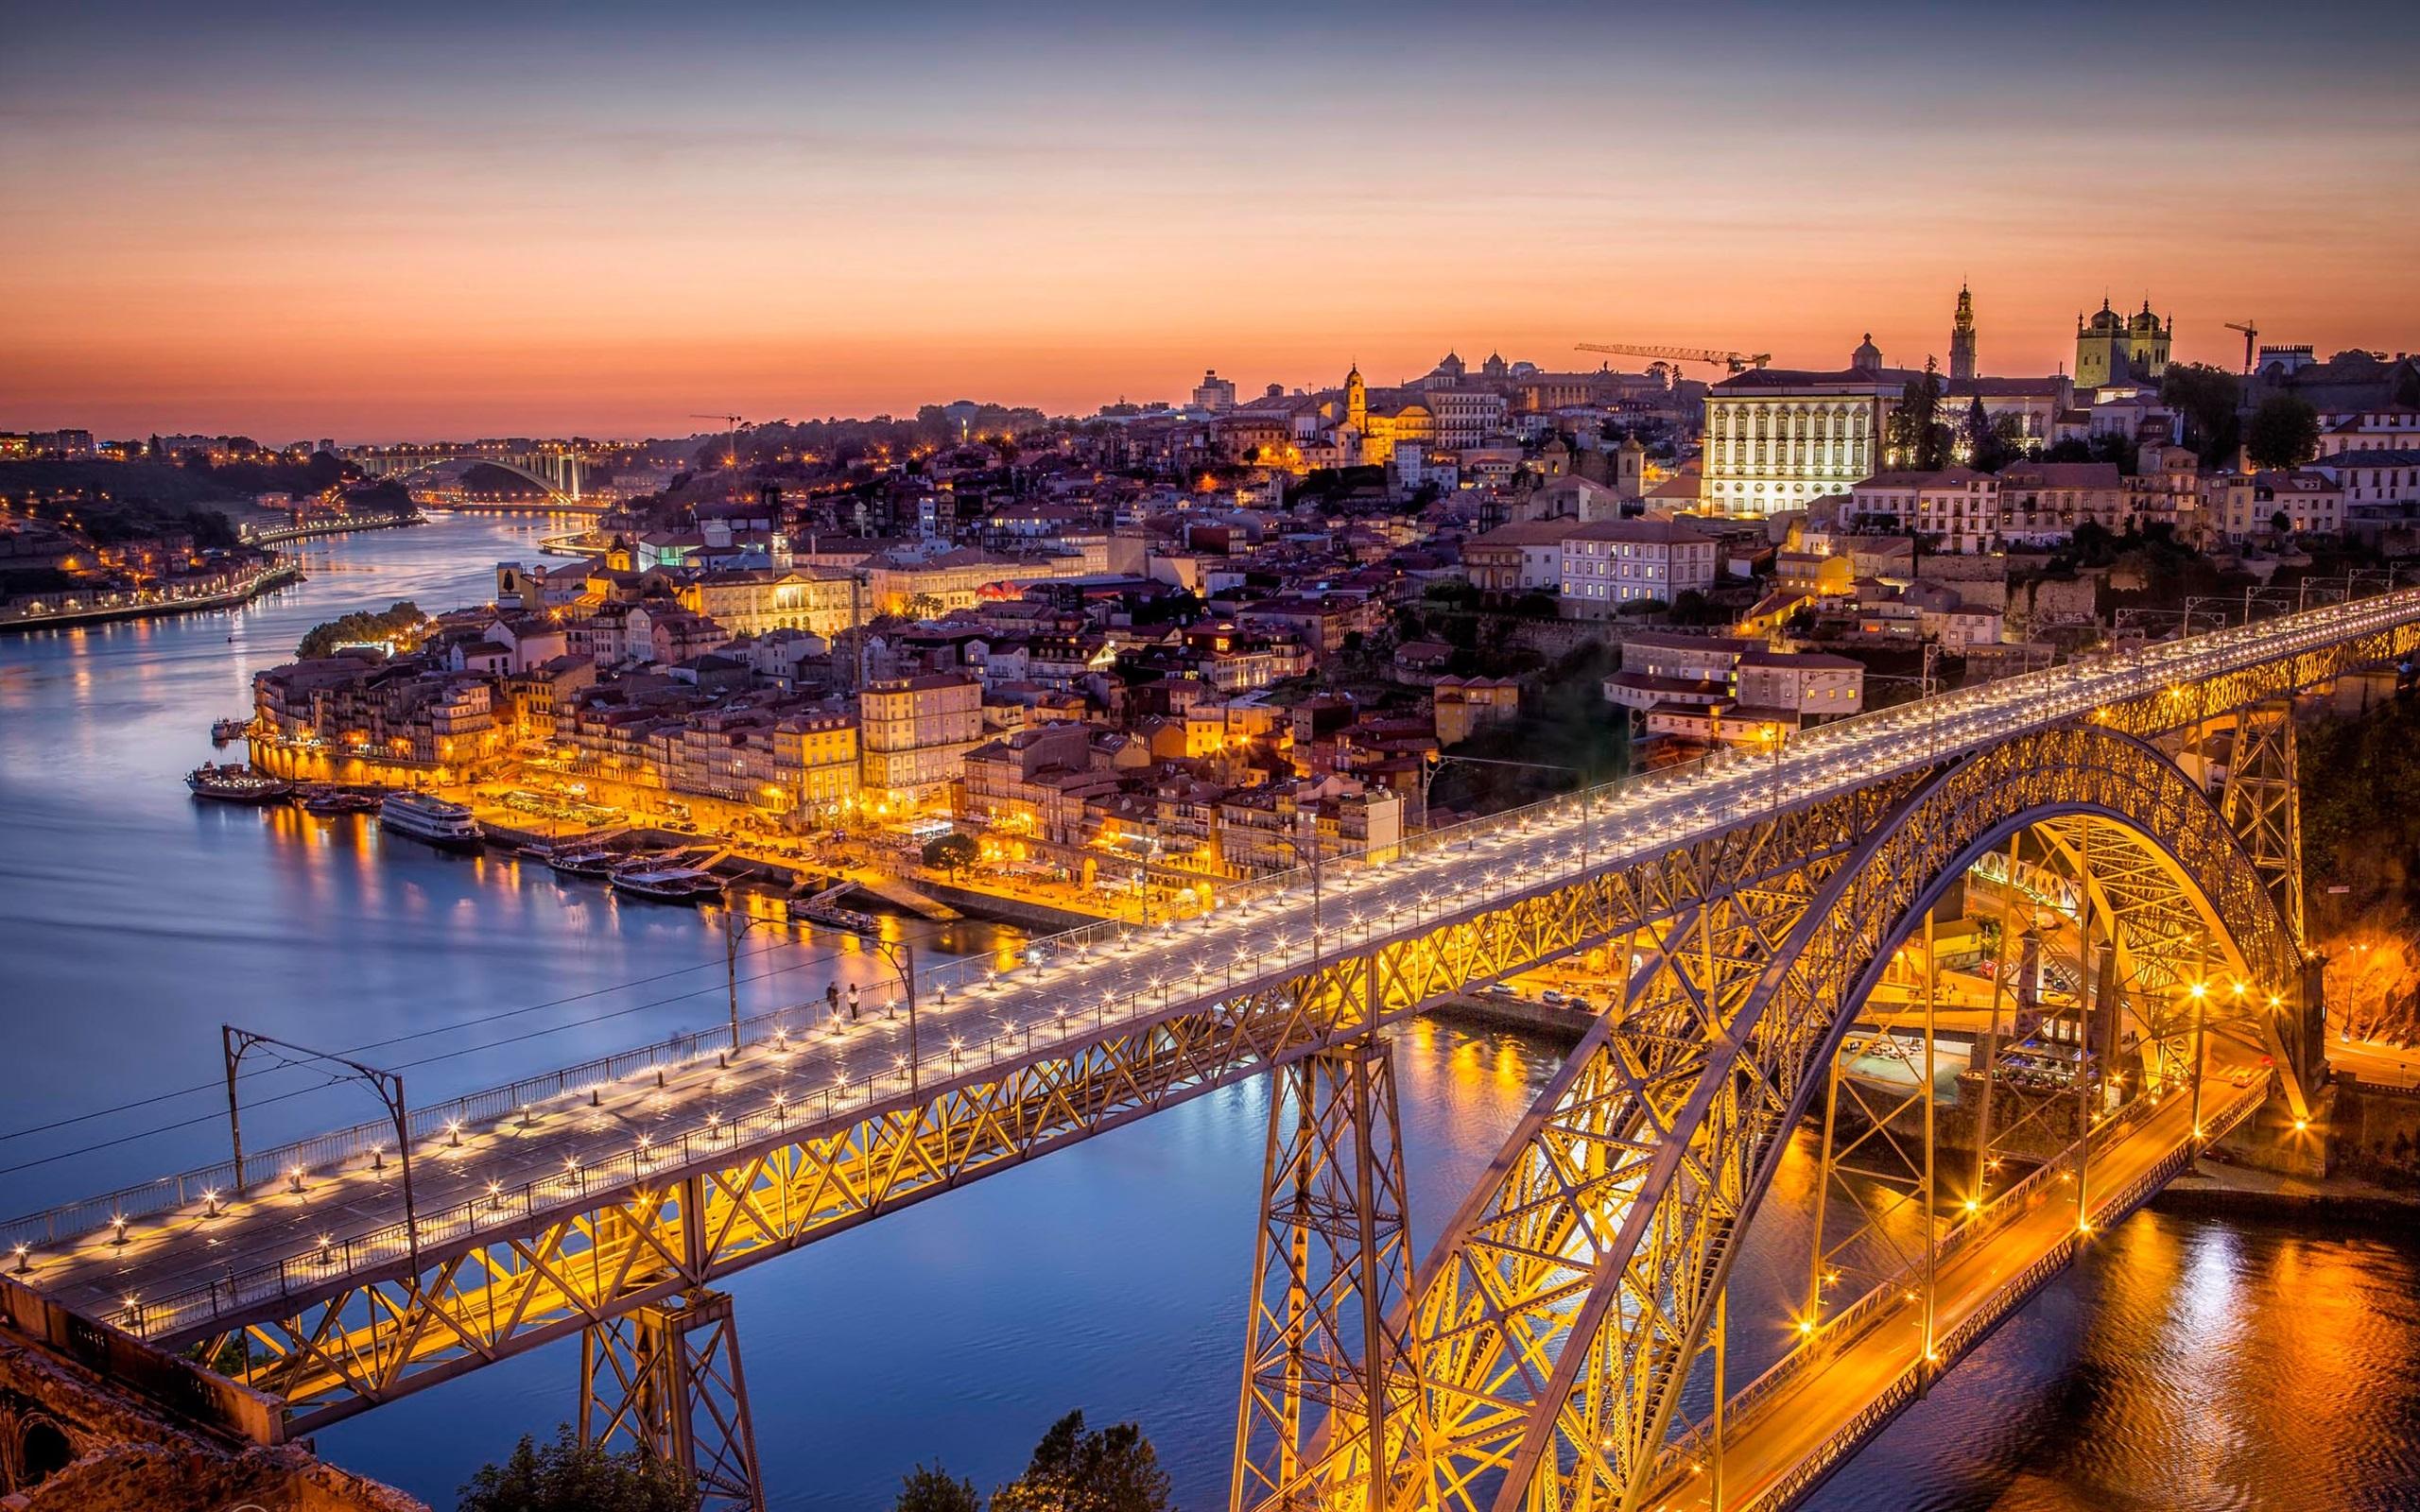 Fonds d 39 cran portugal pont nuit ville rivi re for Fond ecran portugal